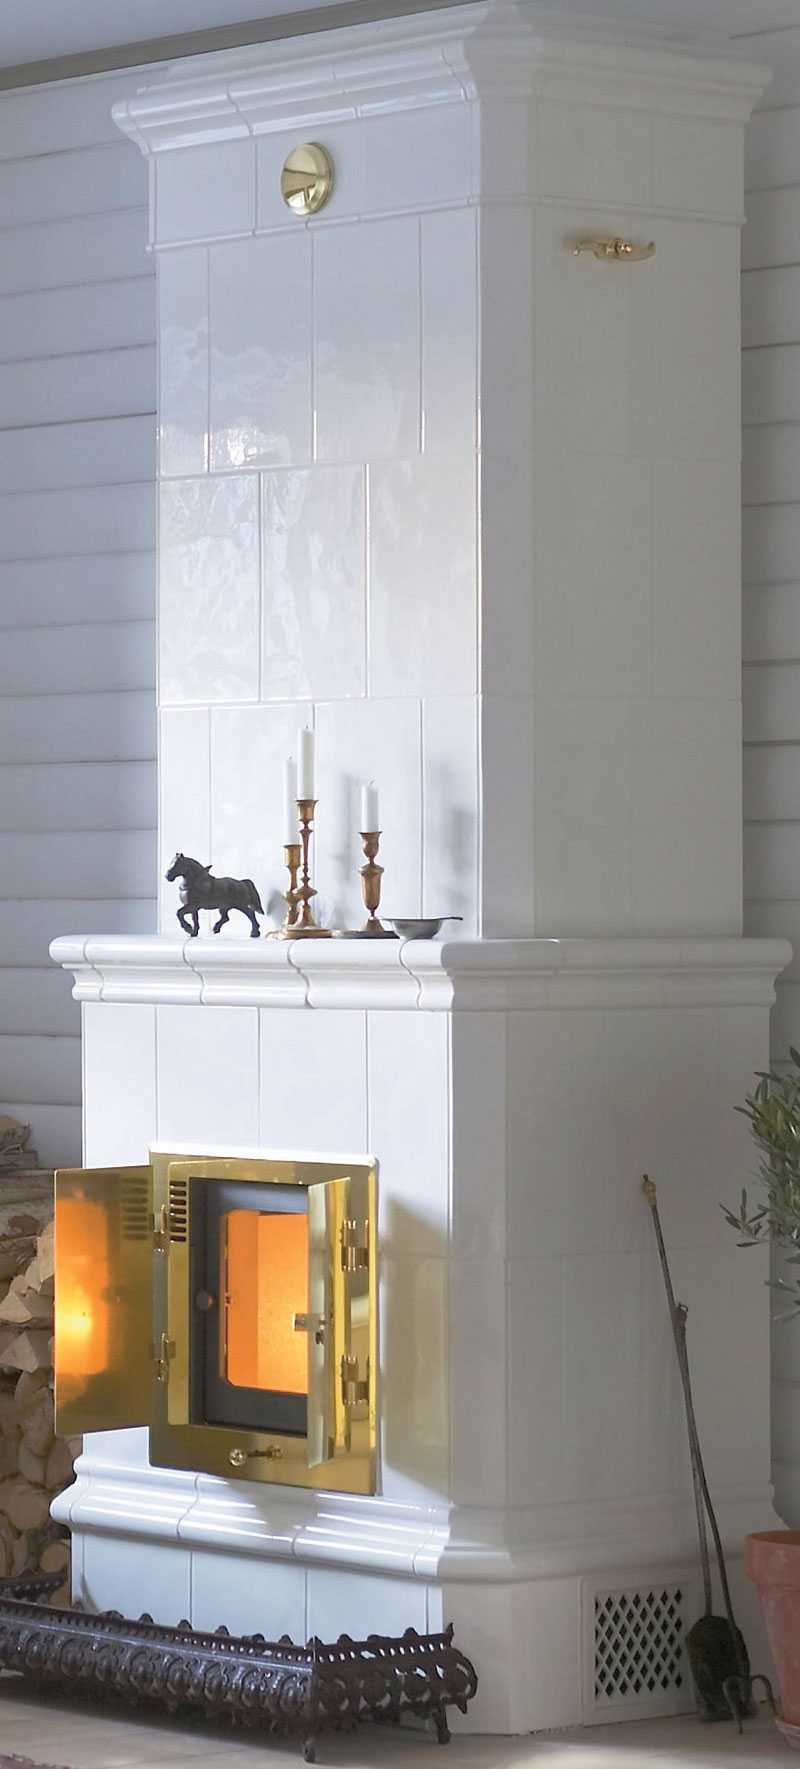 Herrgård Classic 201 En vit och slät kakelugn. Cronspisens varmluftskassett med värmeutsläpp ger värme så gott som direkt. Pris: 41500 kr. www.nibefire.eu